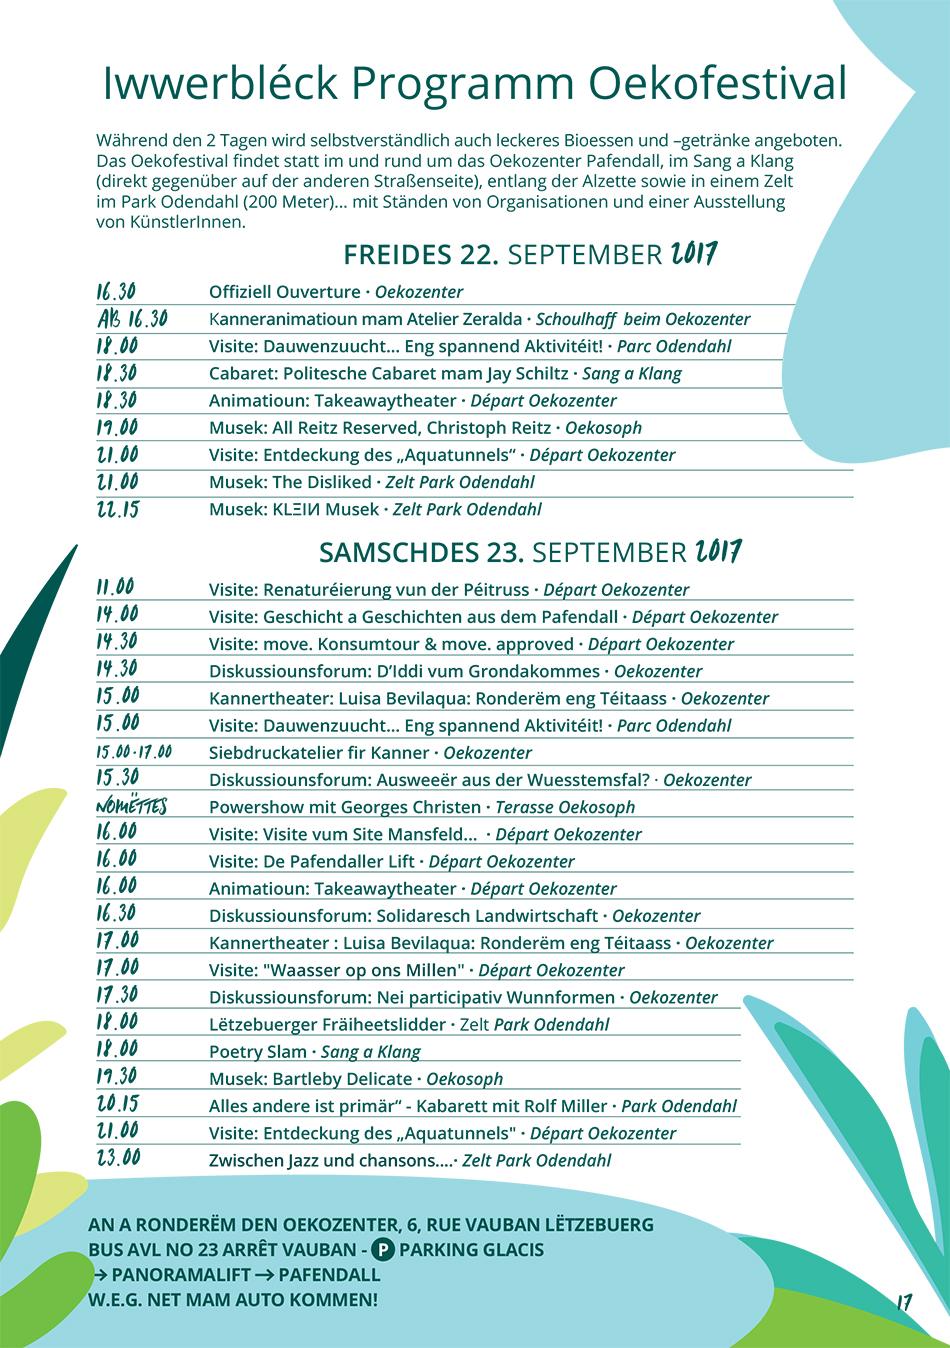 Oekofestival_Programme_25082017.indd